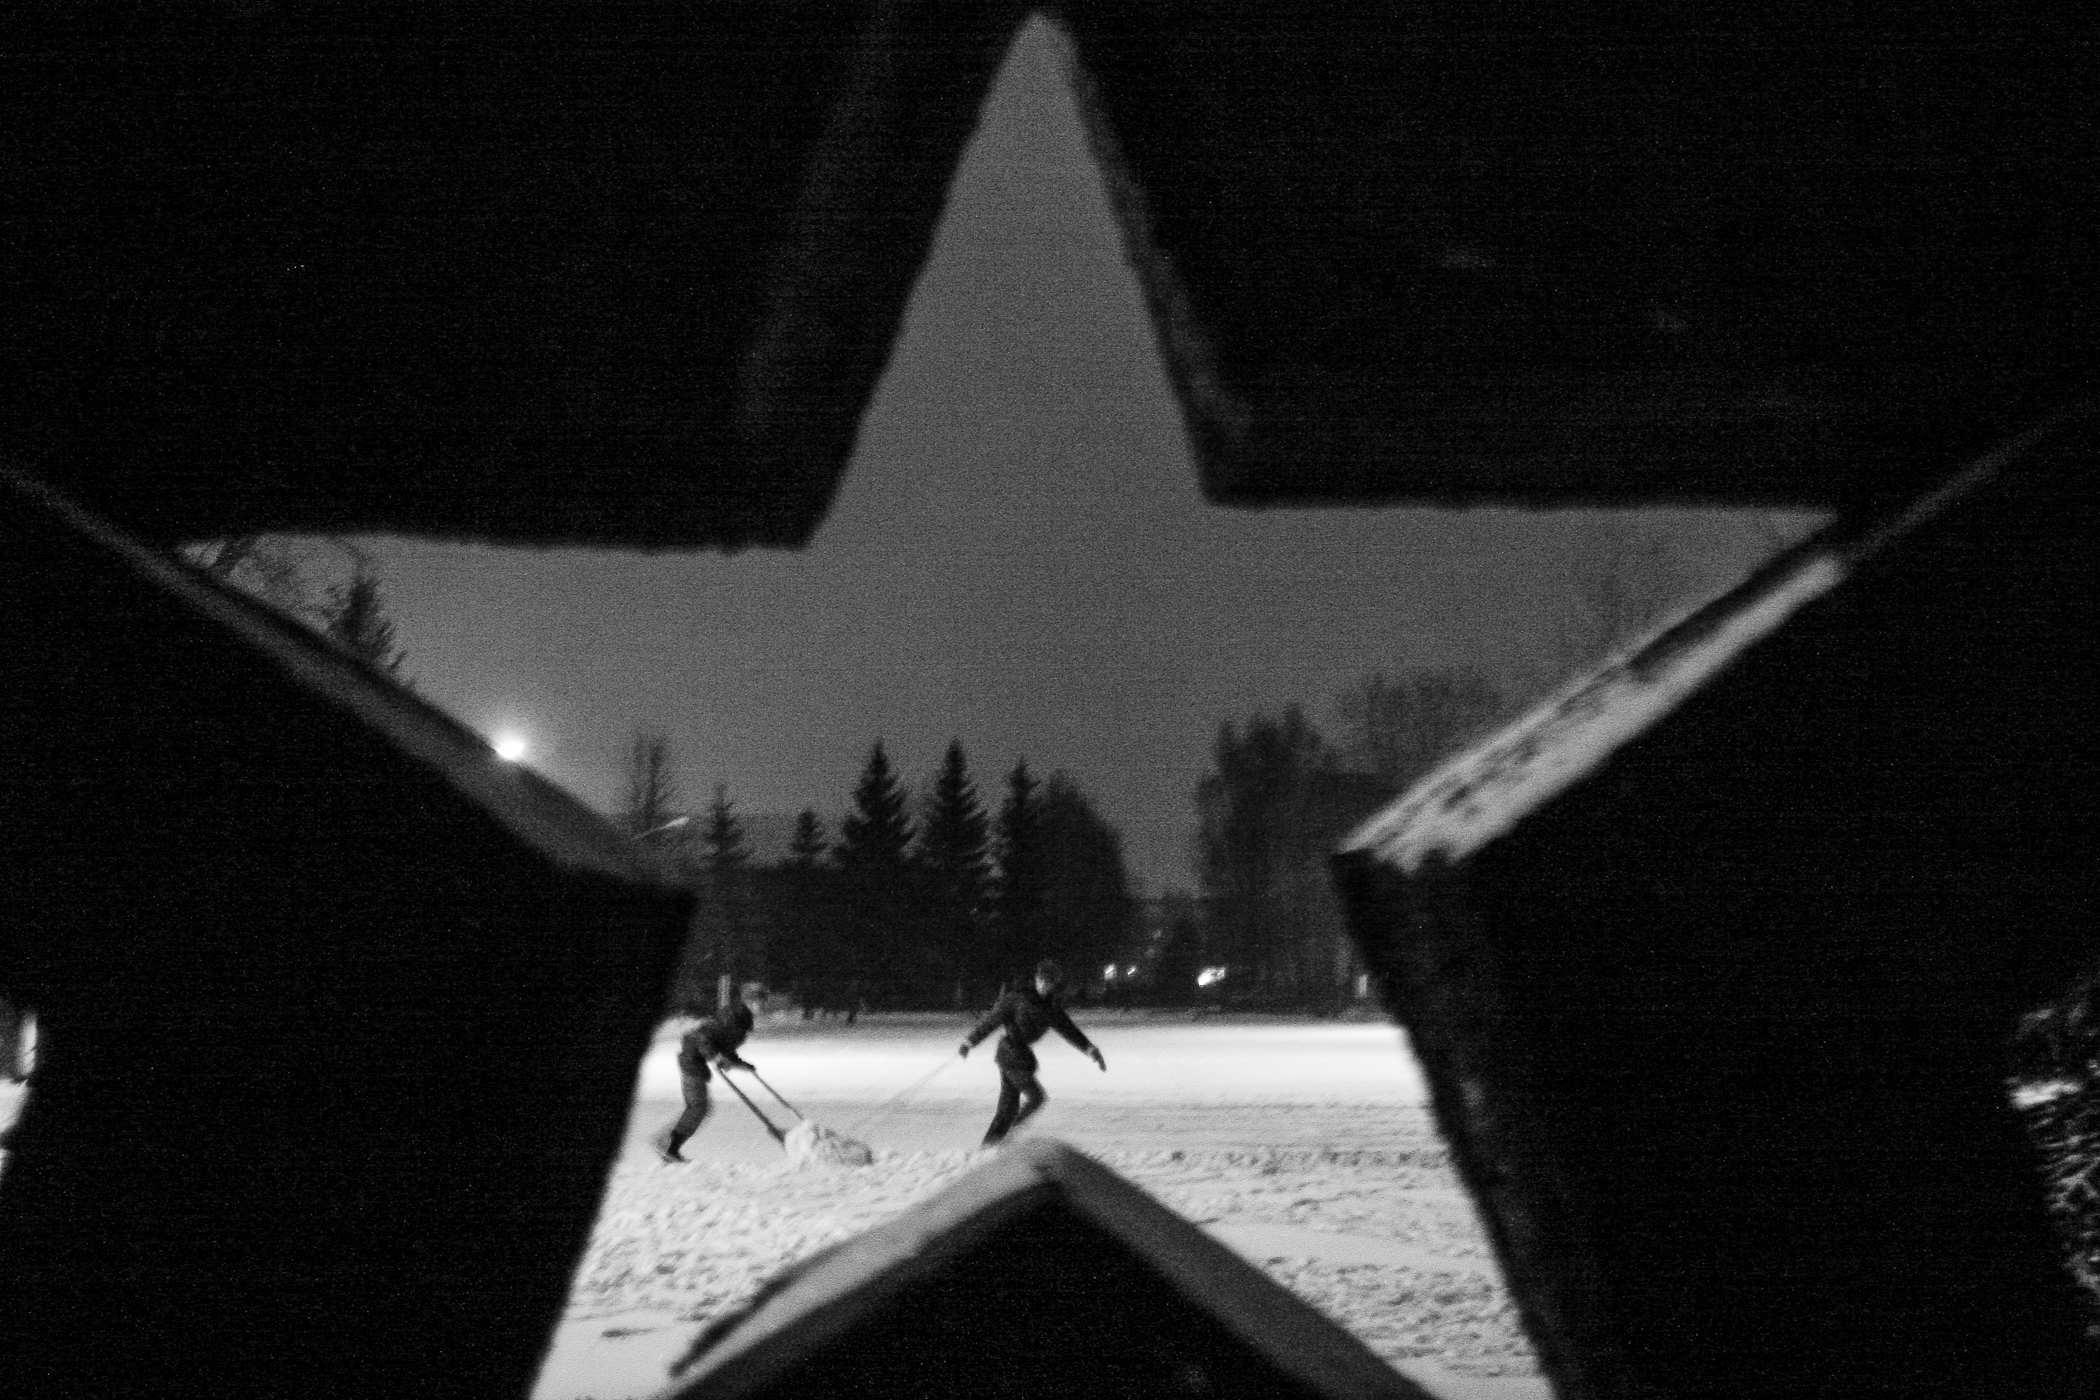 После подъема военнослужащие убирают снег на плацу. Такую работу, как и всю самую сложную, как правило, выполняют «слоны». Срок службы белорусского военнослужащего делится на три равномерных временных отрезка, за которые он перемещается из одной «касты» в другую: «слон» — «черпак» — «дембель».